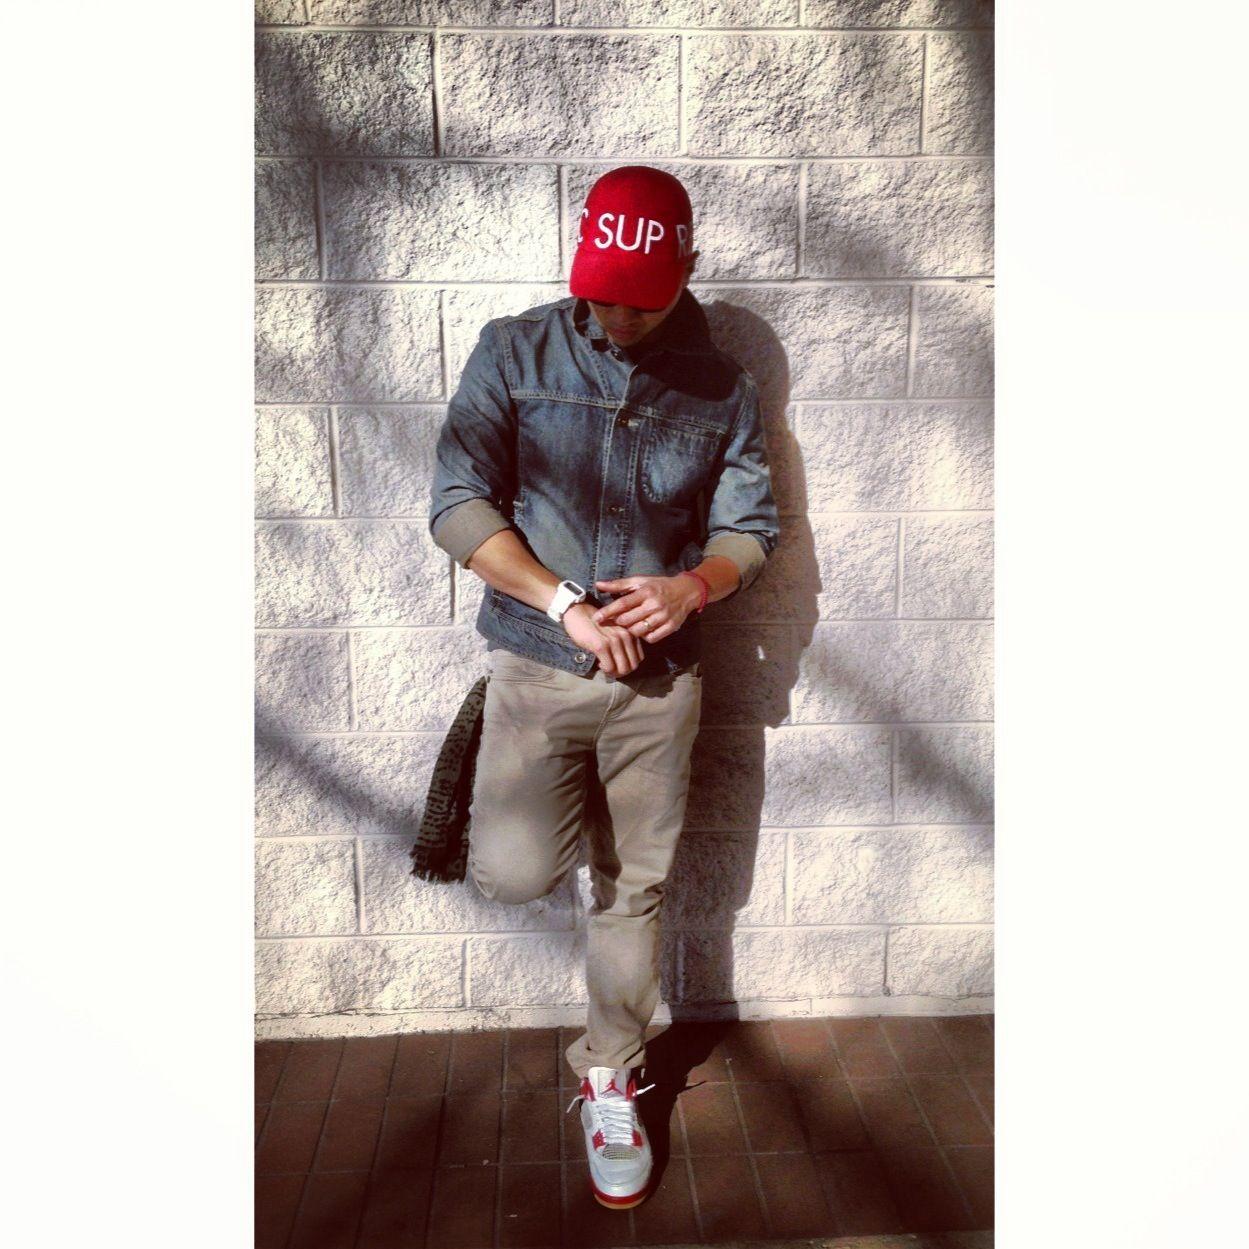 1ffec70d62b Jean jacket khaki pants jordans sneakers supreme hats all day ...